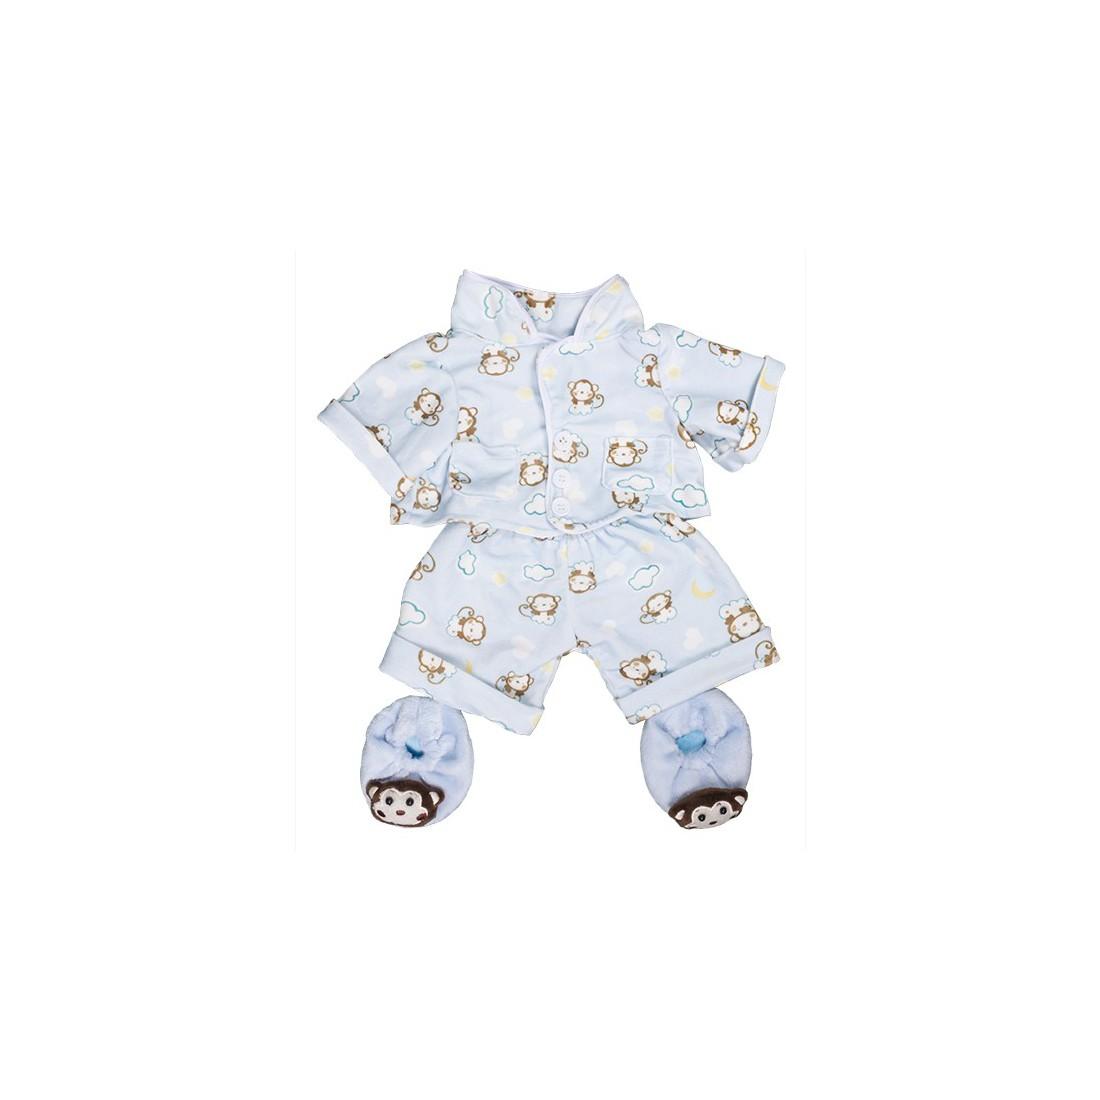 """Pyjama Bleu """"Monkey"""" avec pantoufles  - la tenue idéale pour les peluches personnalisées ! ,  40 cm  - La tenue idé"""